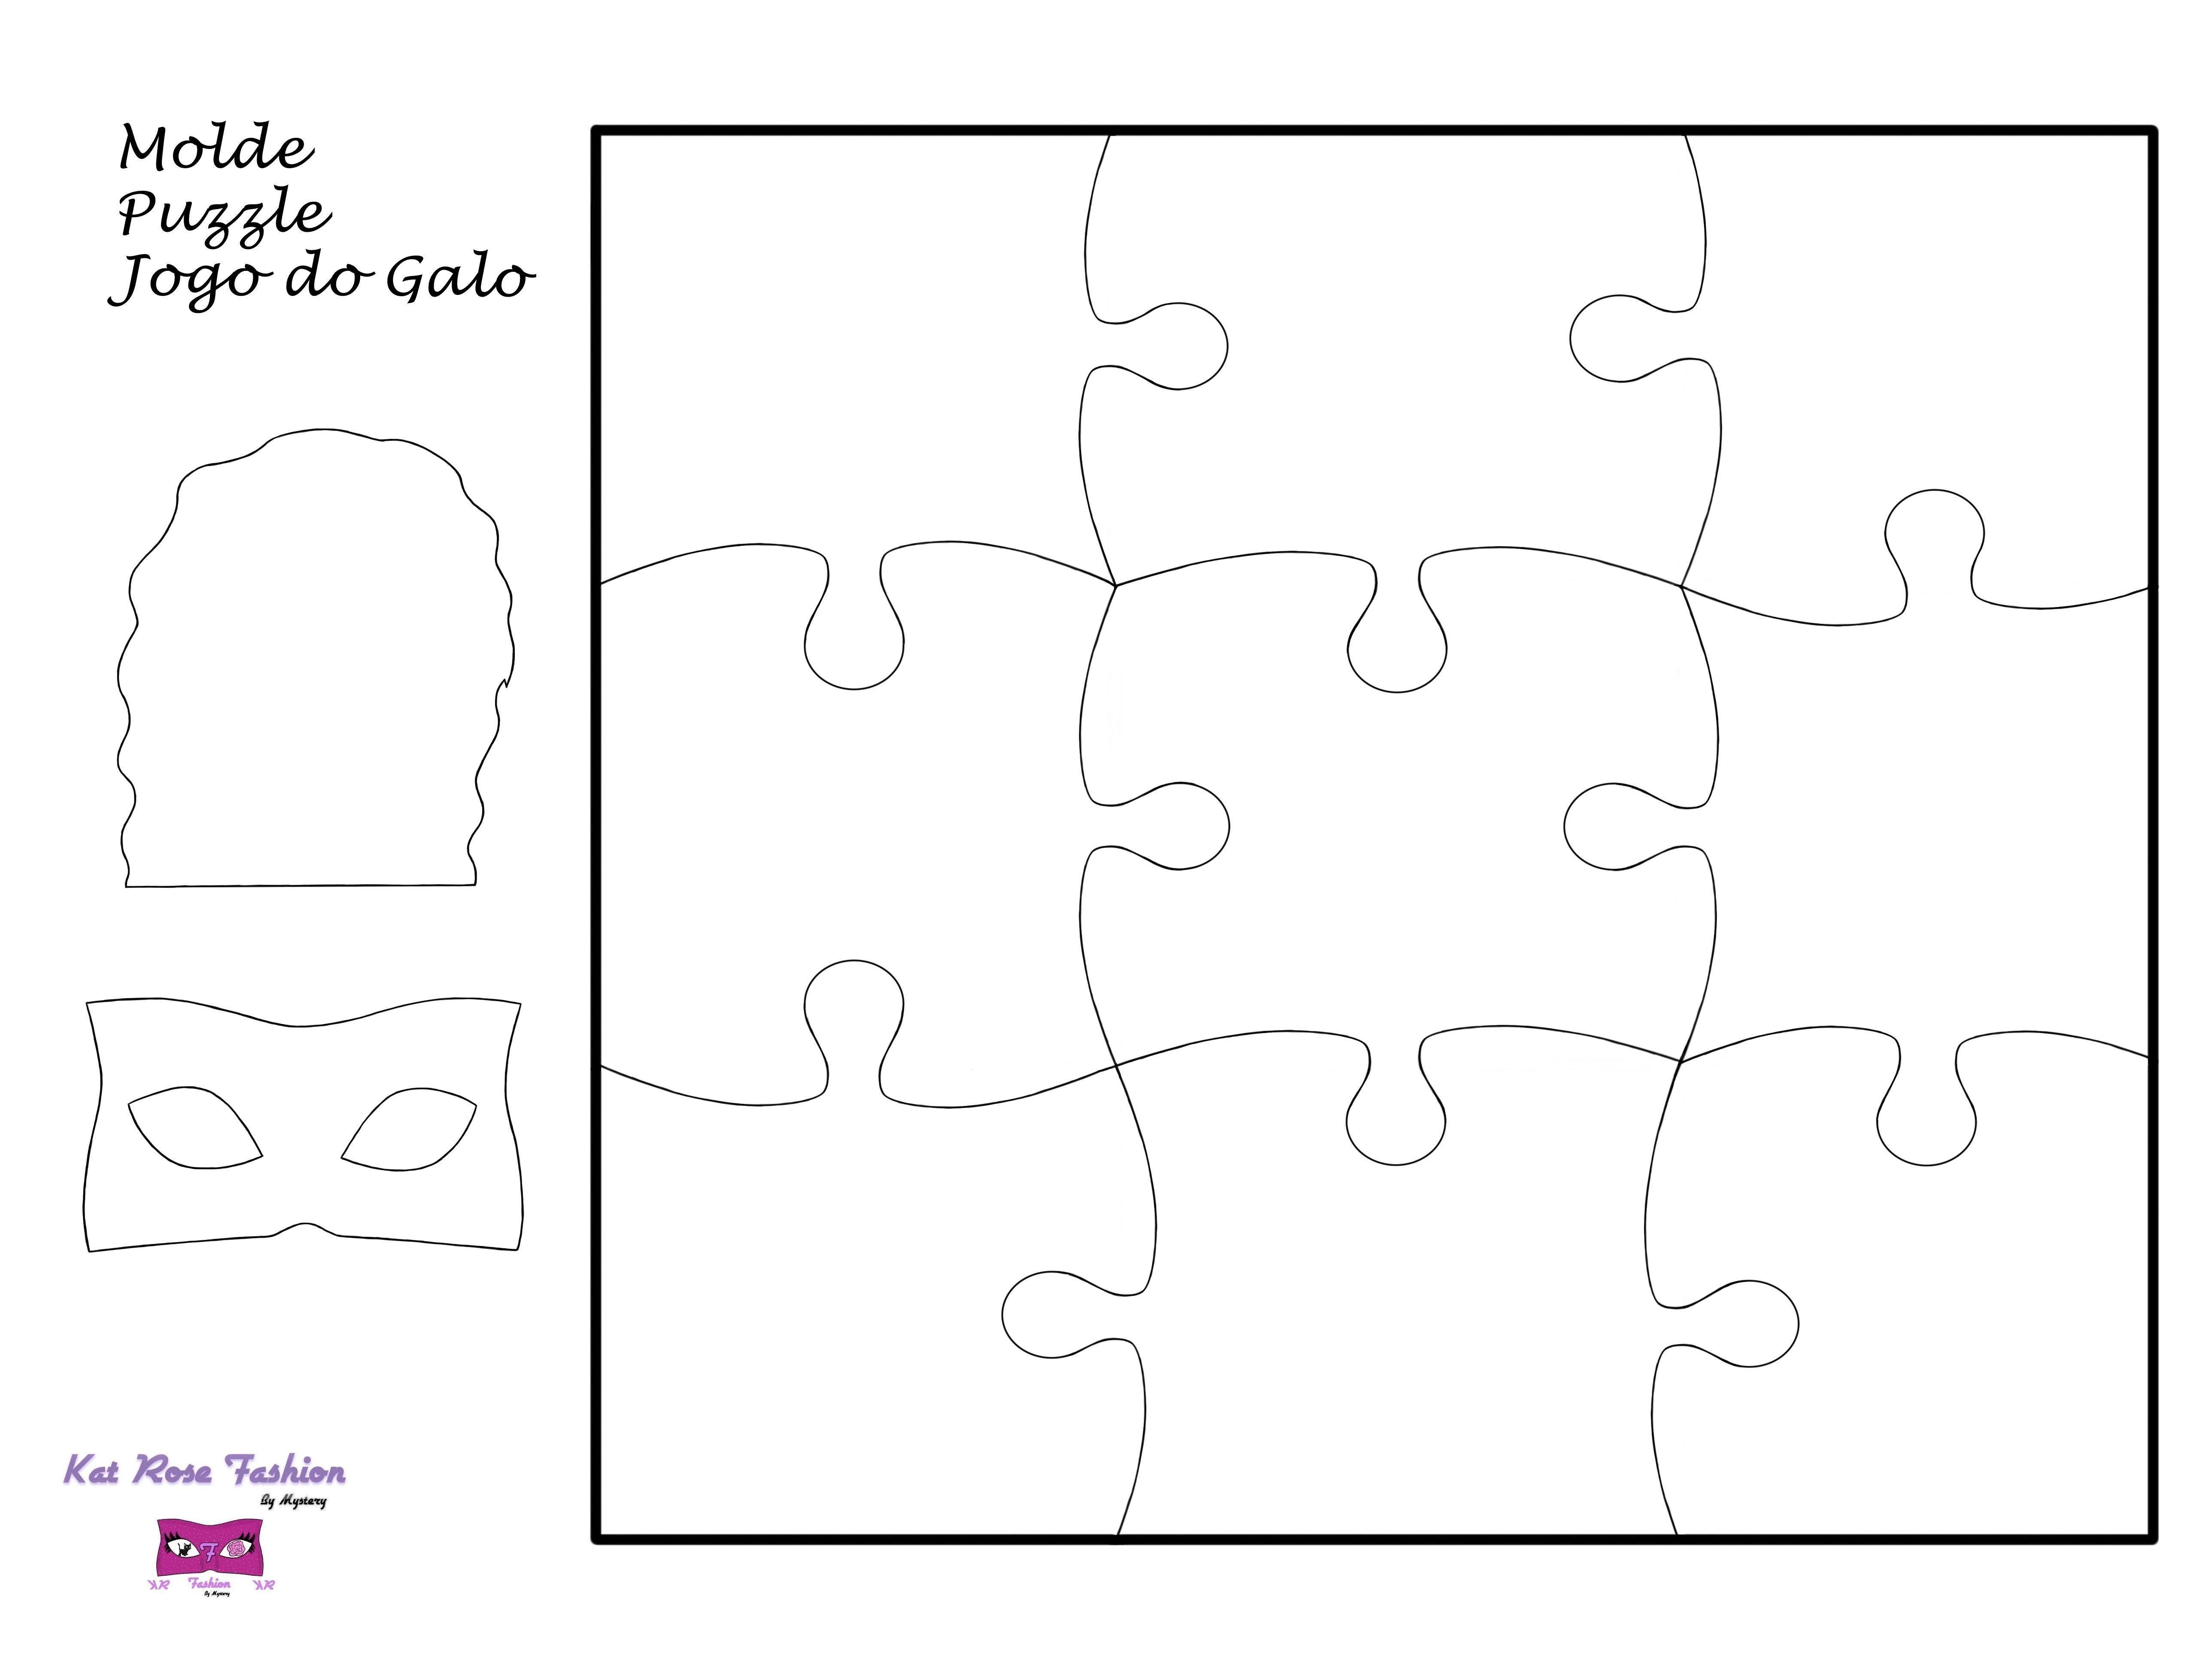 Kat Rose Fashion Workshops Molde Puzzle Jogo Do Galo Jogo Do Galo Puzzle Rosado